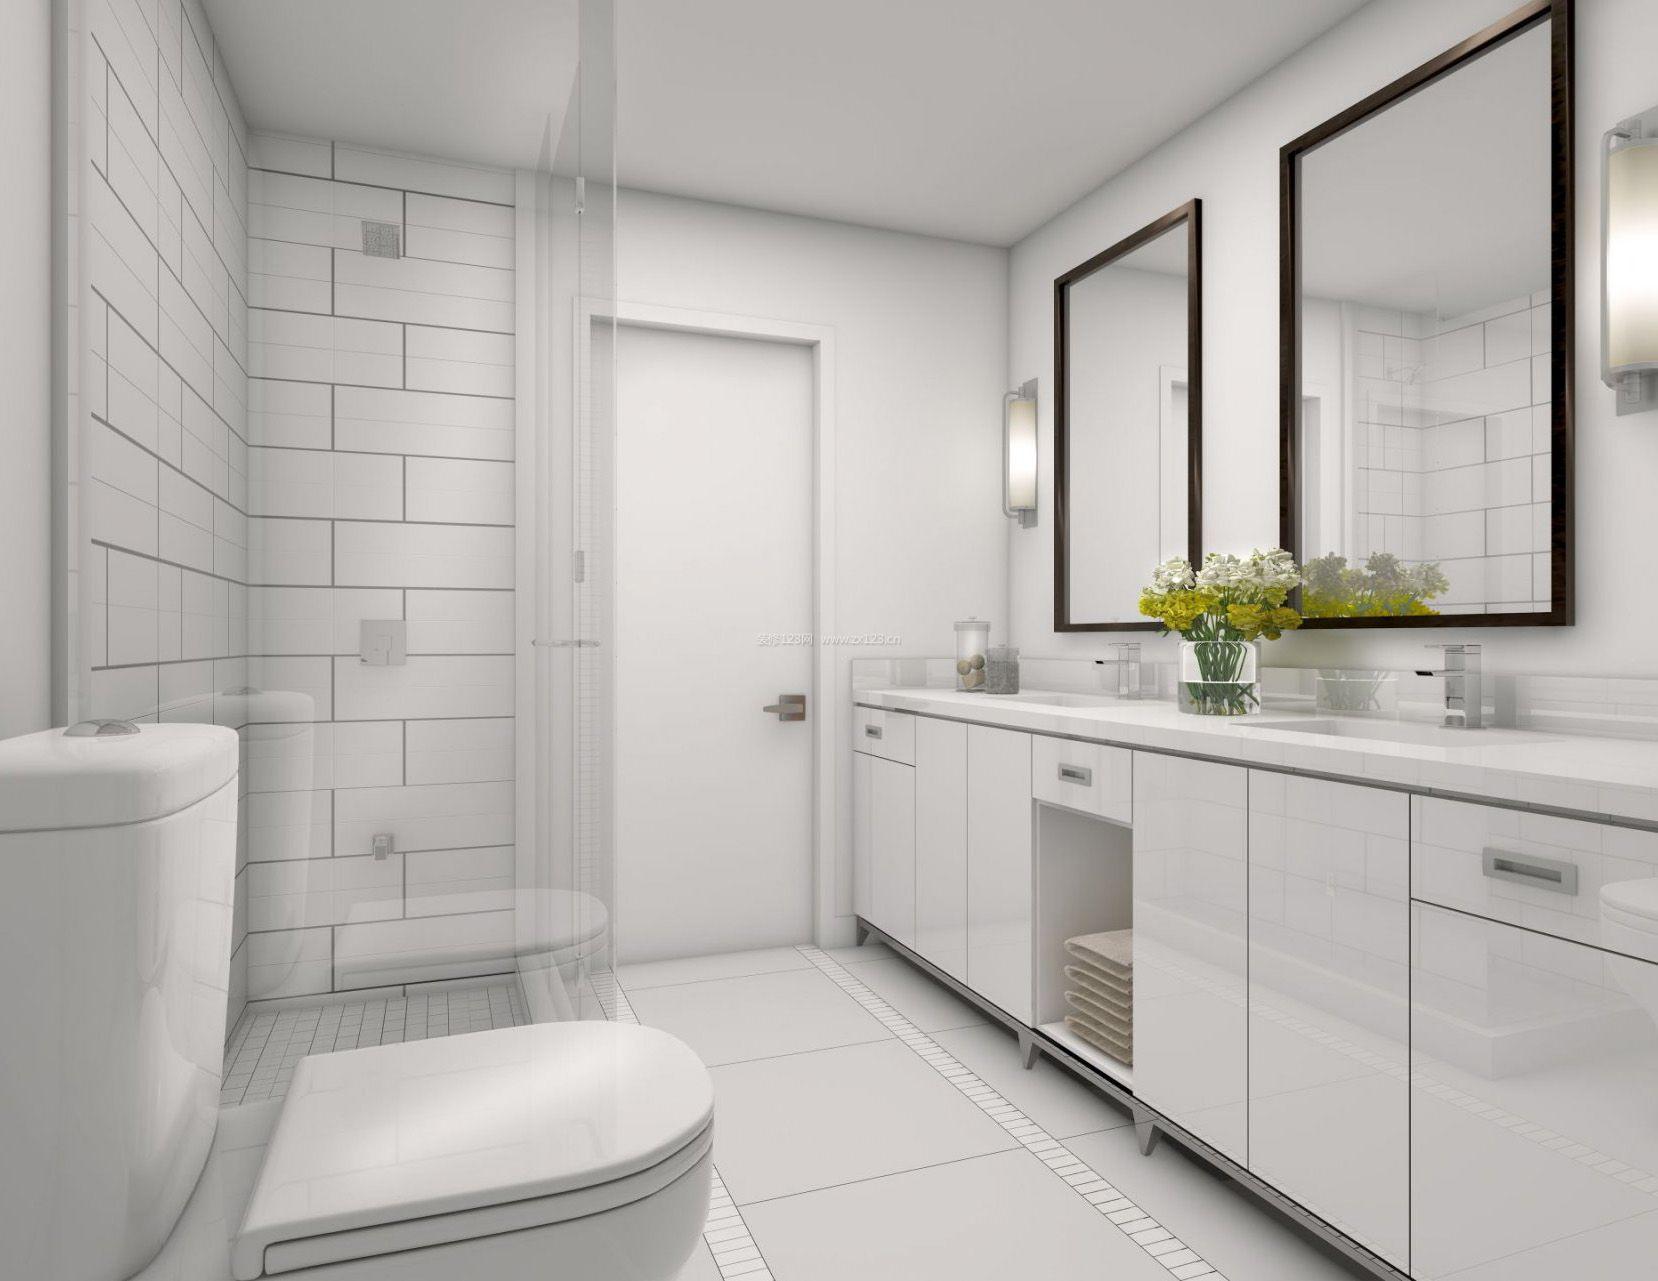 北欧风格家居设计小卫生间瓷砖效果图